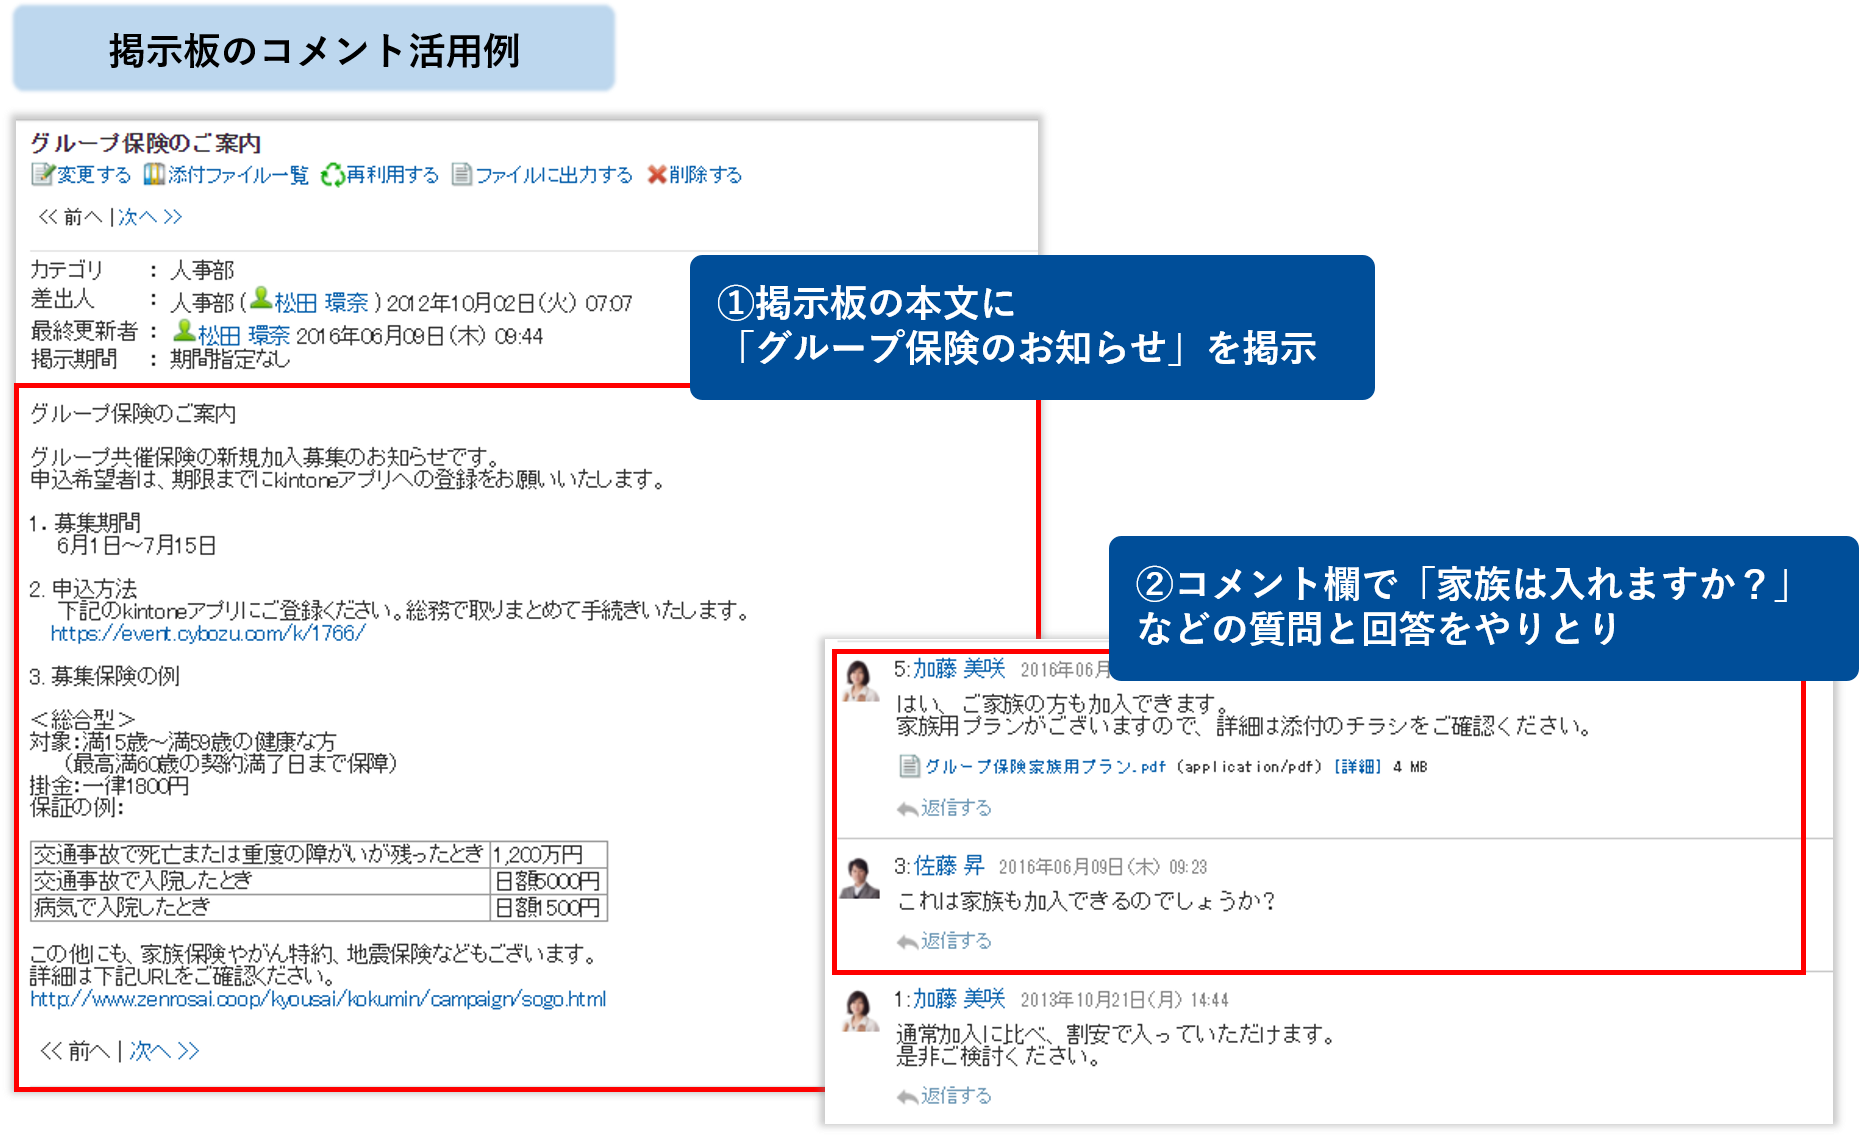 https://enterprise.cybozu.co.jp/ac1cba34b2702da3c74ce1e9fb3380f0fd21a4f1.png